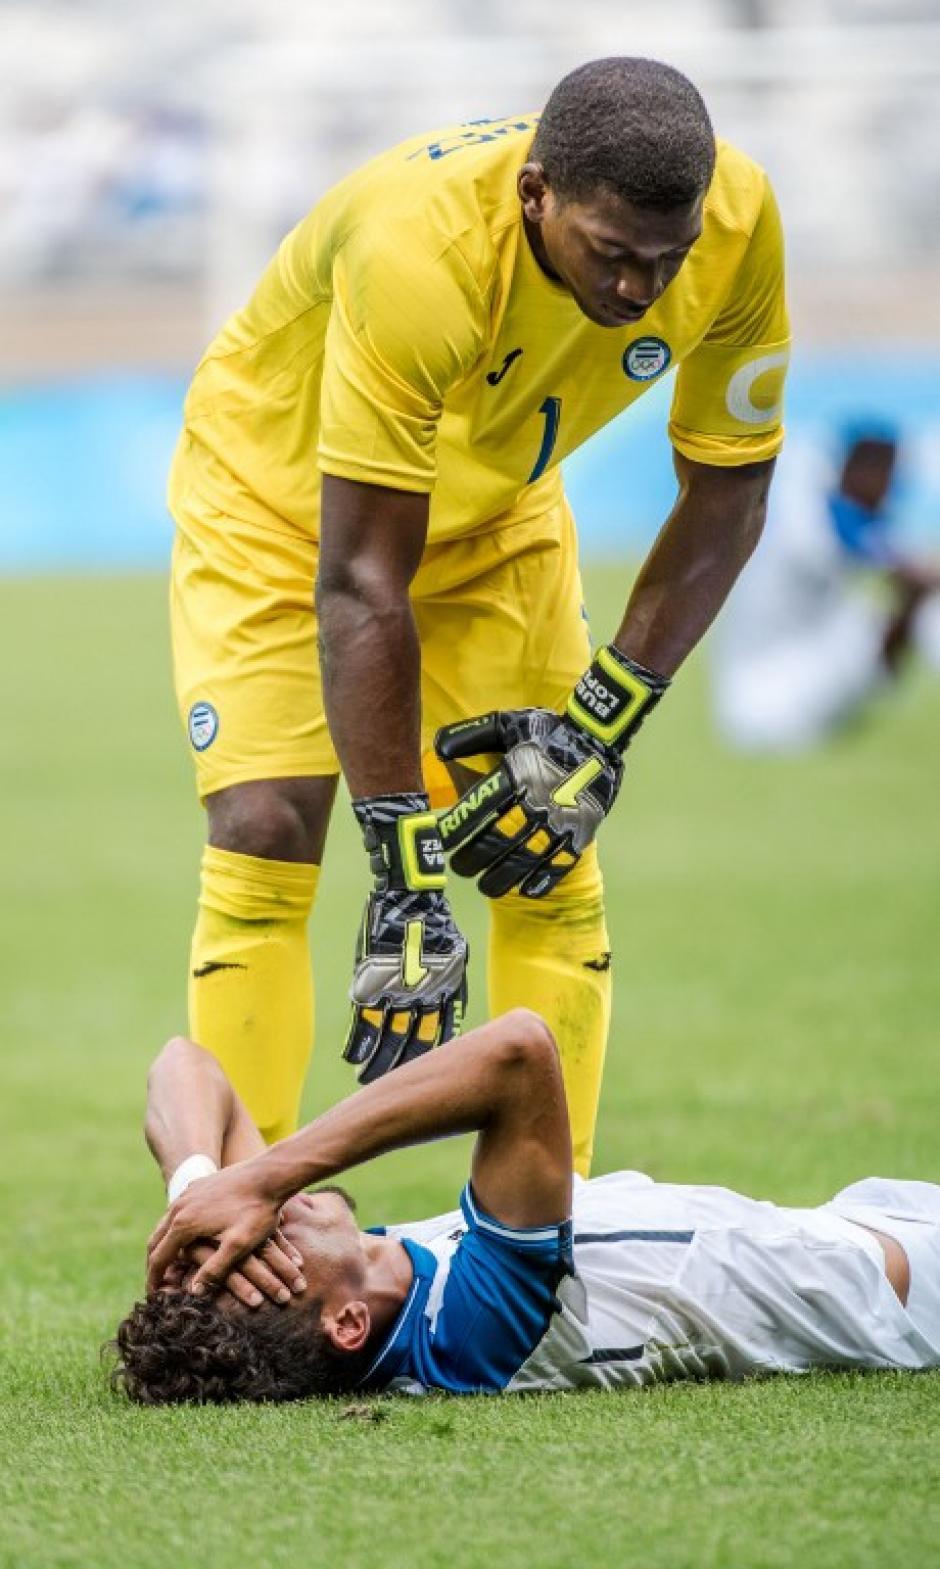 El arquero de Nigeria consuela al jugador Allans Vázquez. (Foto: AFP)